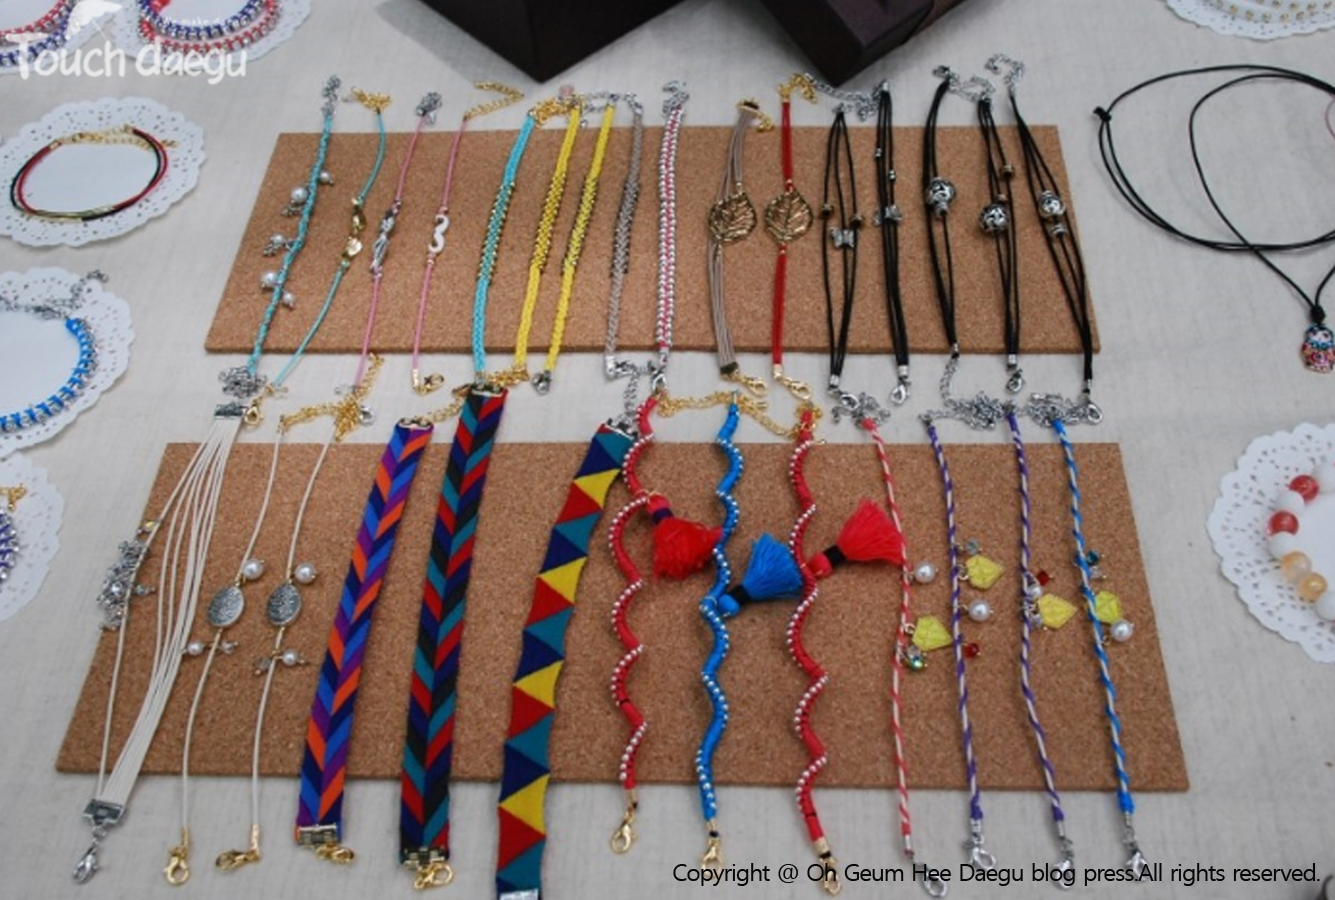 Pretty accessories are on sale at free market, Daegu